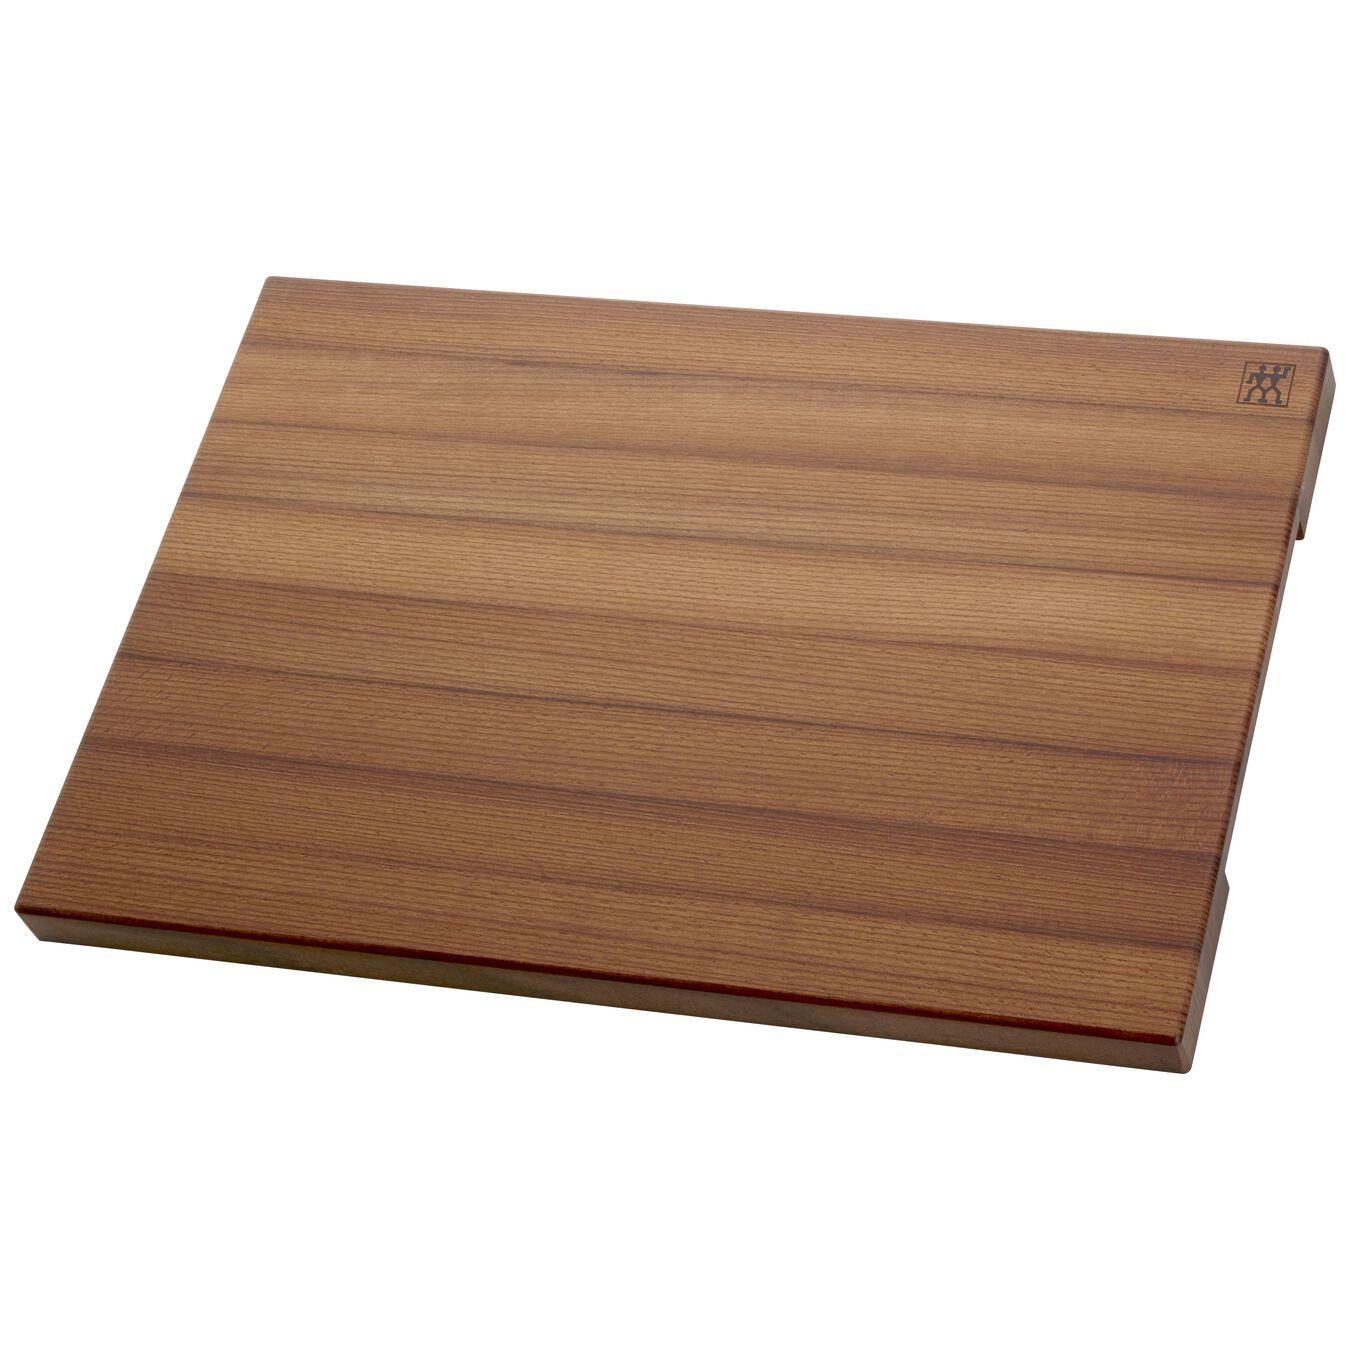 Cutting board 60 cm x 40 cm,,large 1